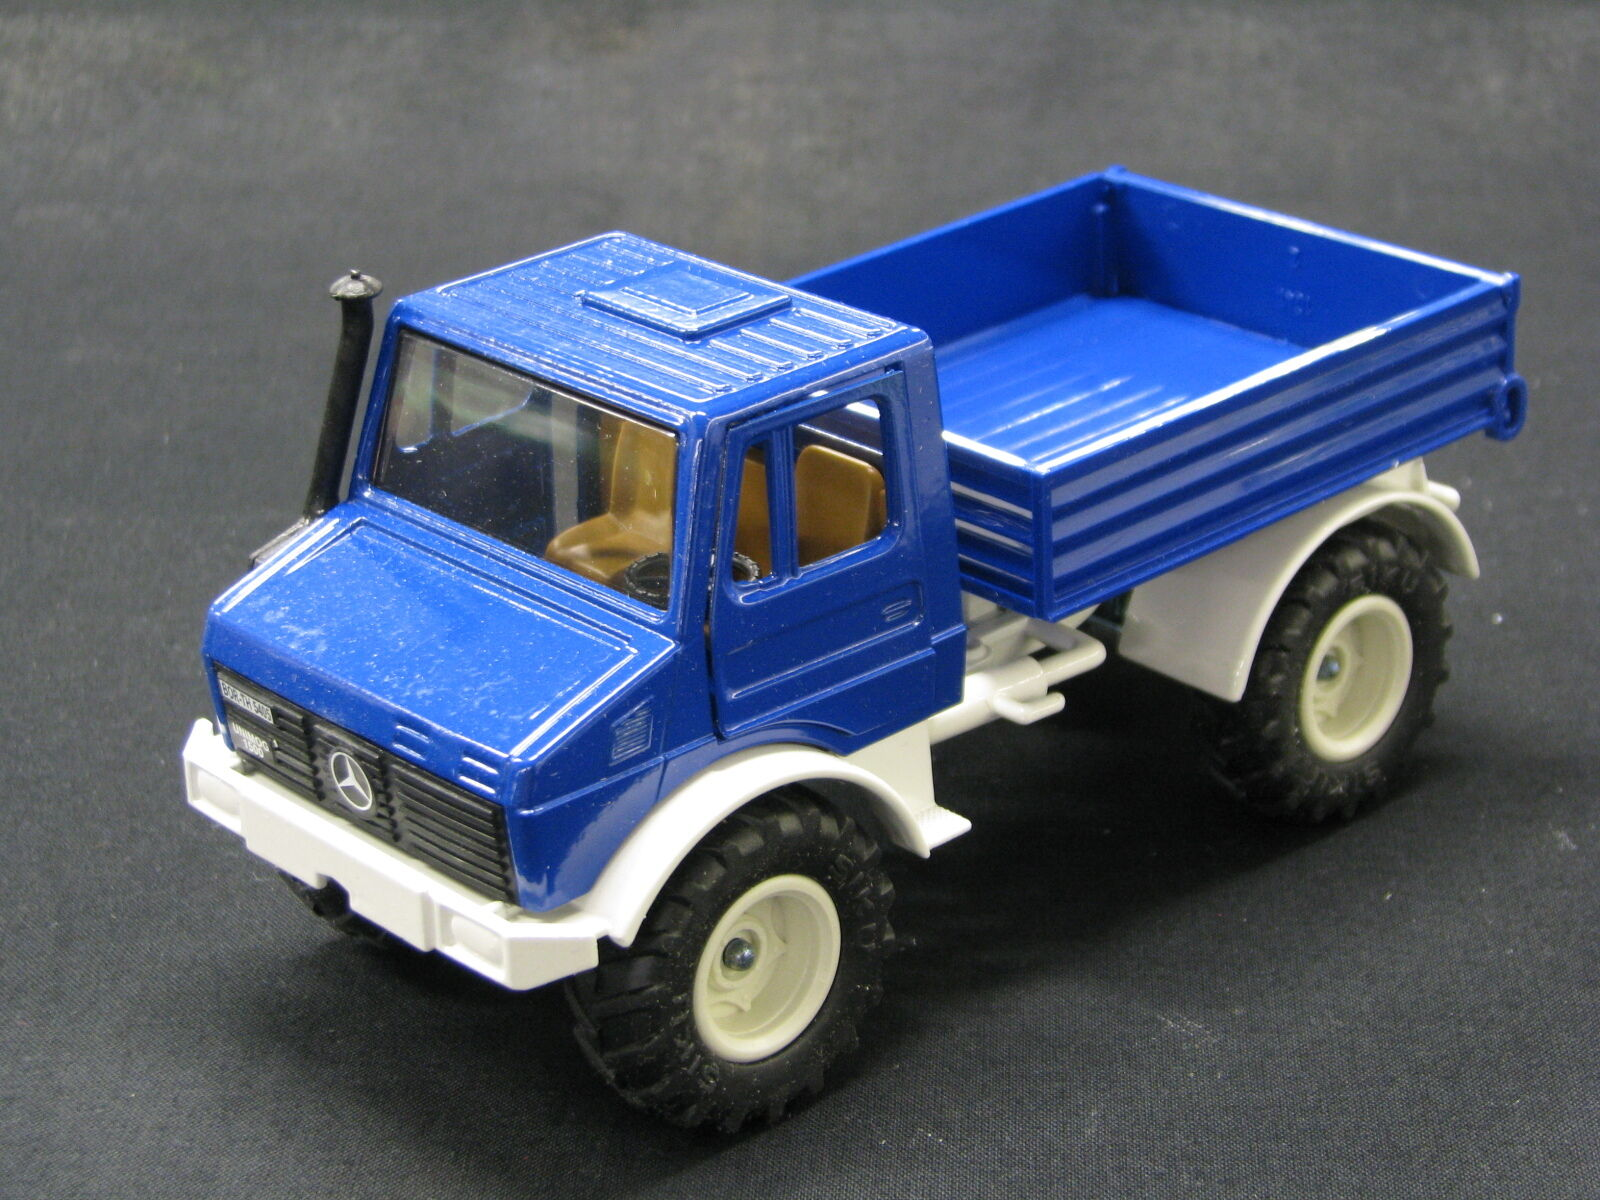 Siku Mercedes-Benz Mercedes-Benz Mercedes-Benz Unimog 1500 1 32 bluee (JS) efaf2f